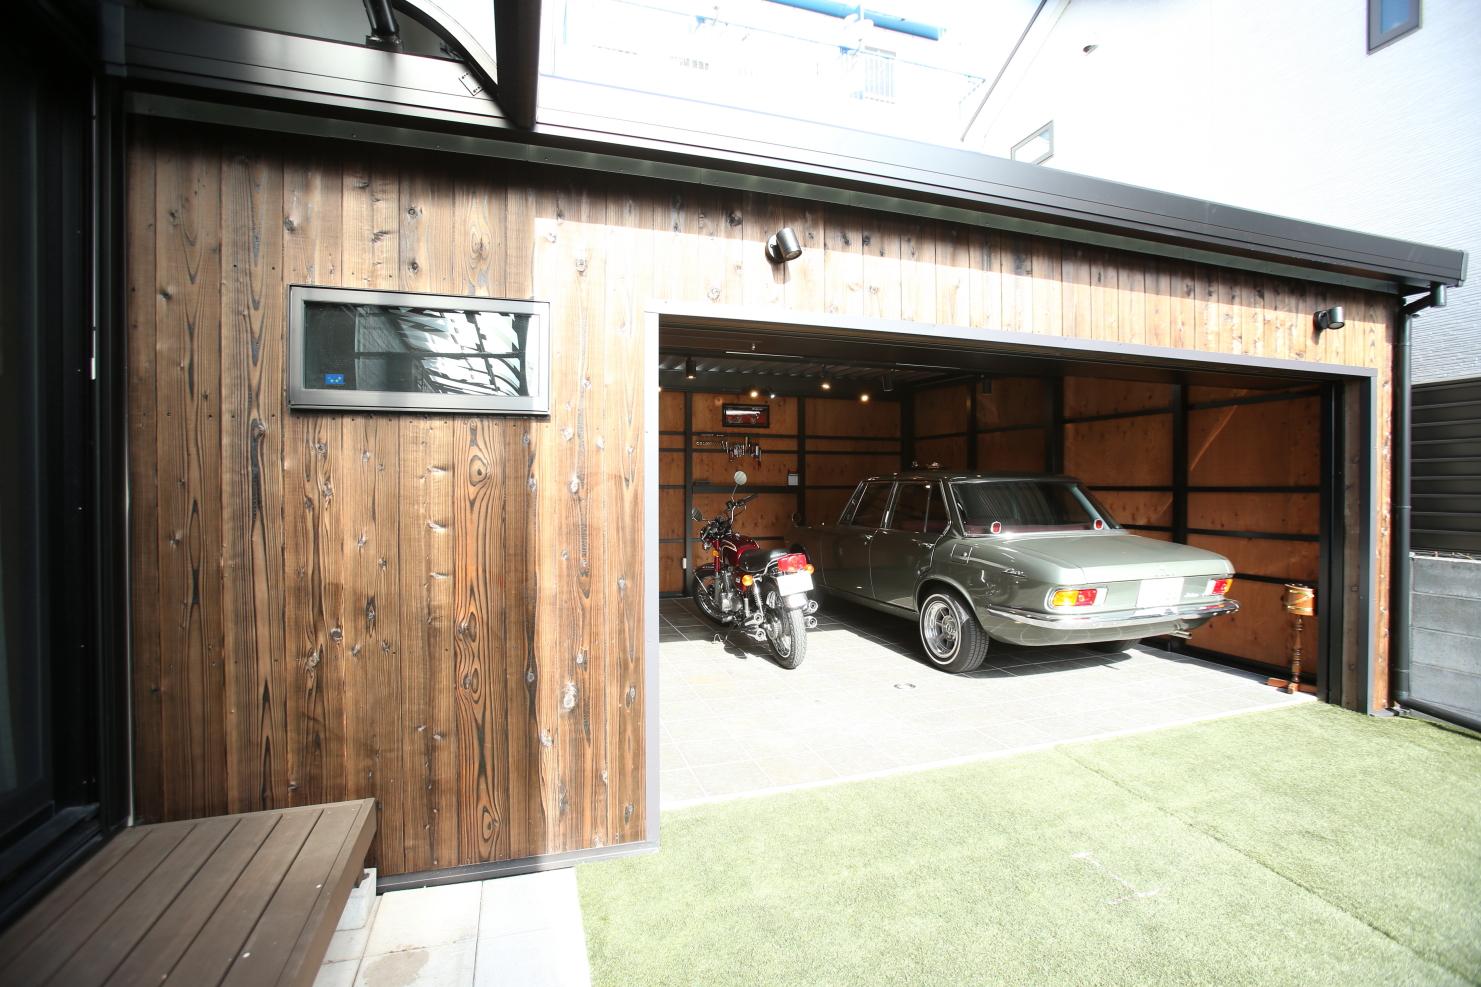 【隠れ家】自由設計ガレージMODEgならではの限られた敷地を極限まで活かした目黒区のY様のオリジナル・ガレージを訪問